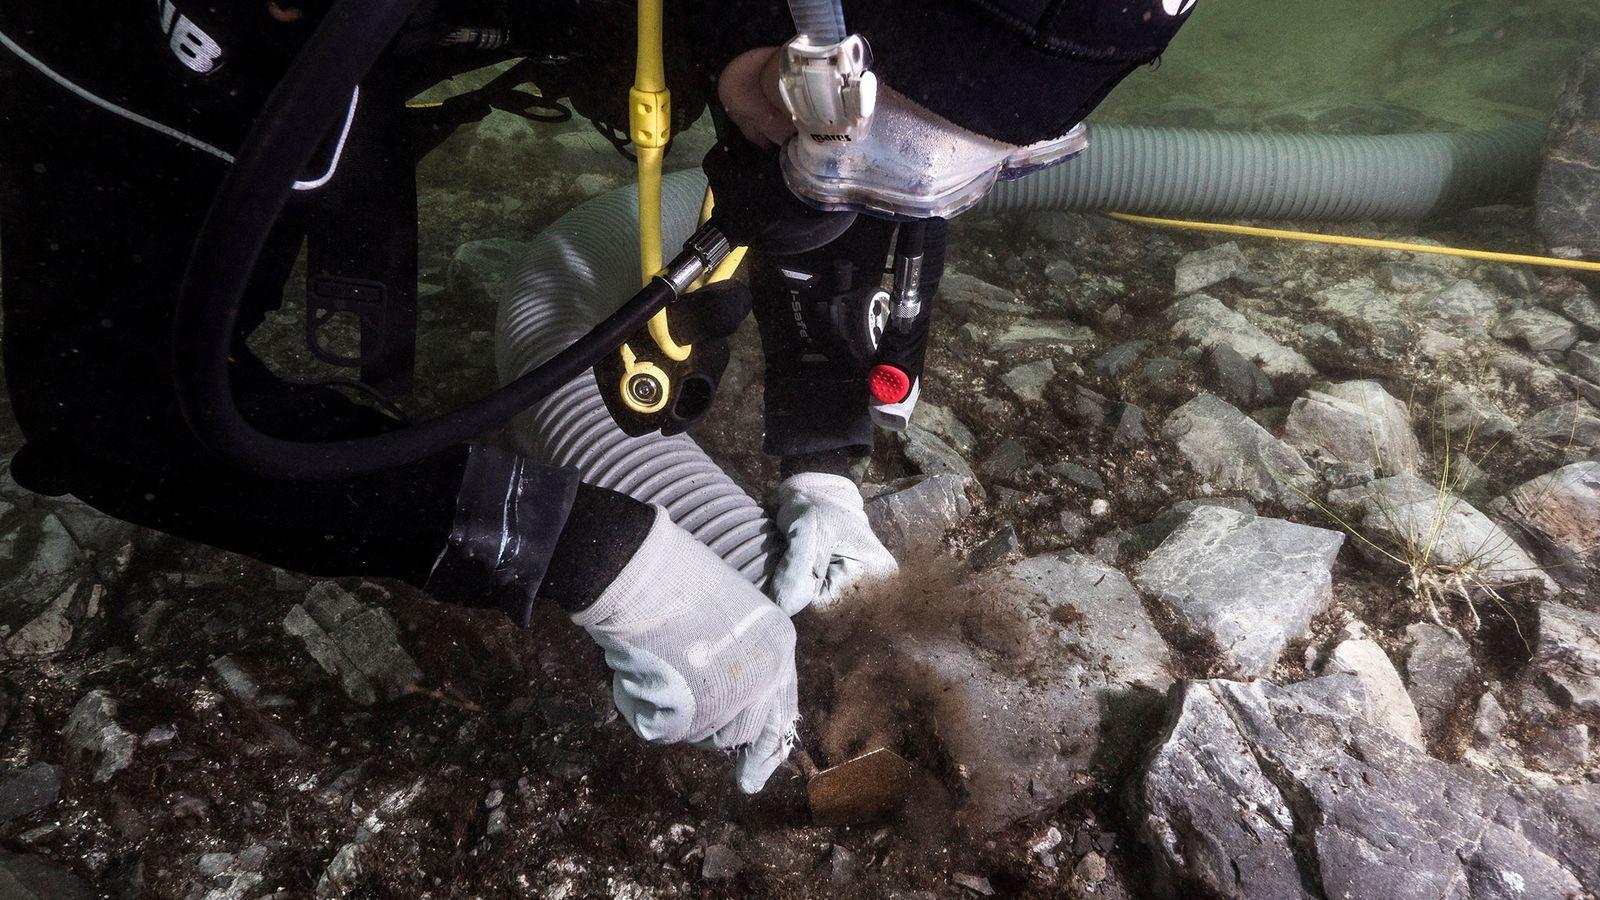 Los arqueólogos excavan objetos rituales en el lago Titicaca.